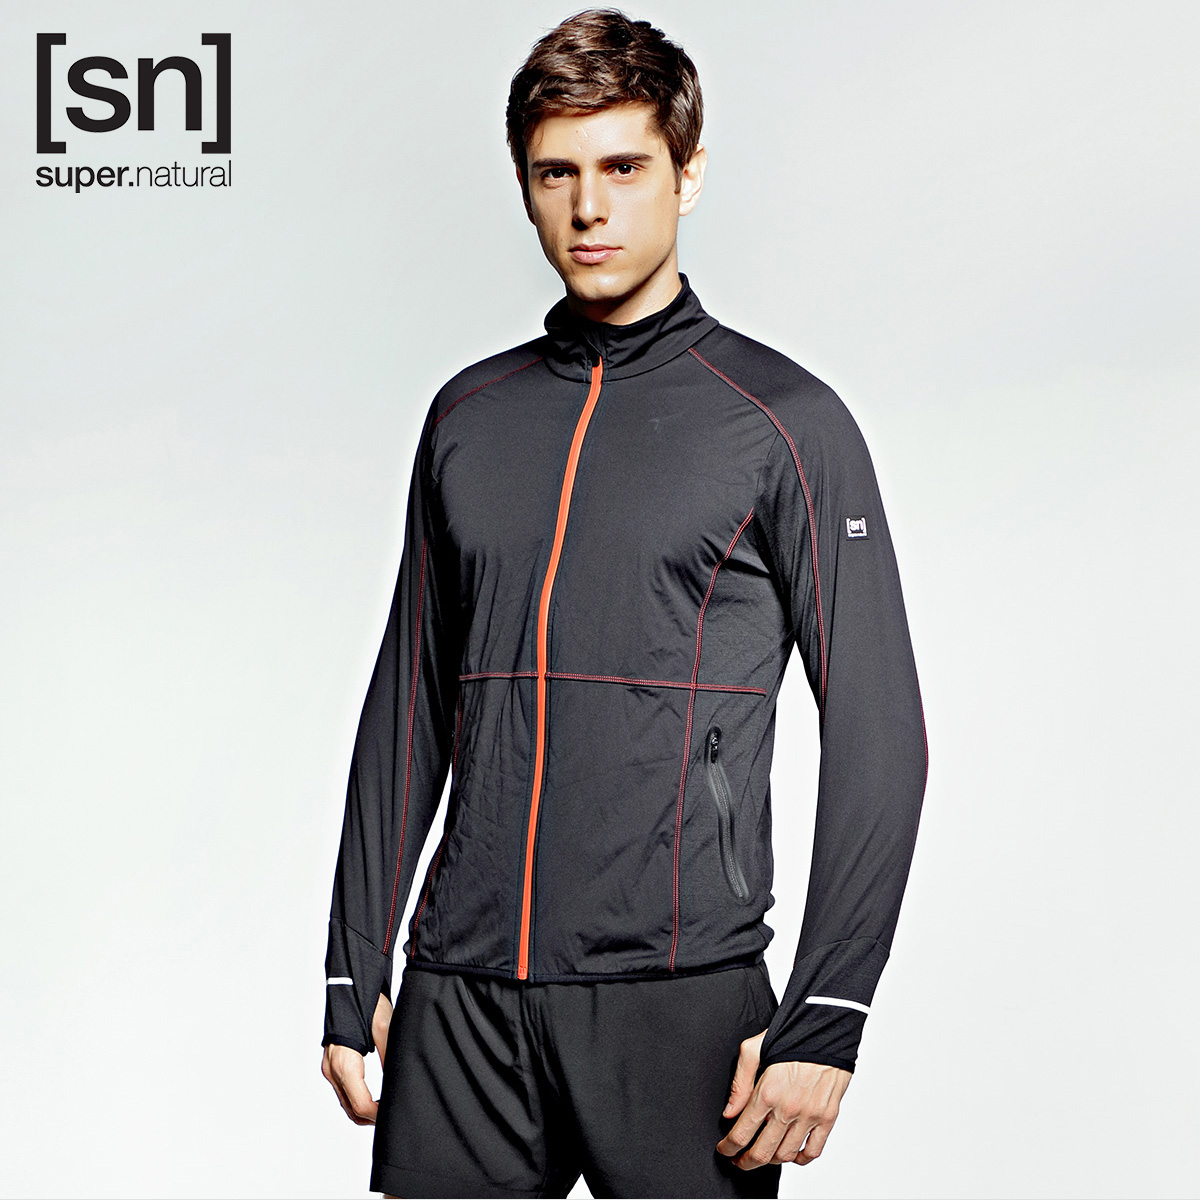 运动夹克 super.natural 男子抗风防水拇指洞设计黑色户外运动长袖夹克_推荐淘宝好看的男运动夹克